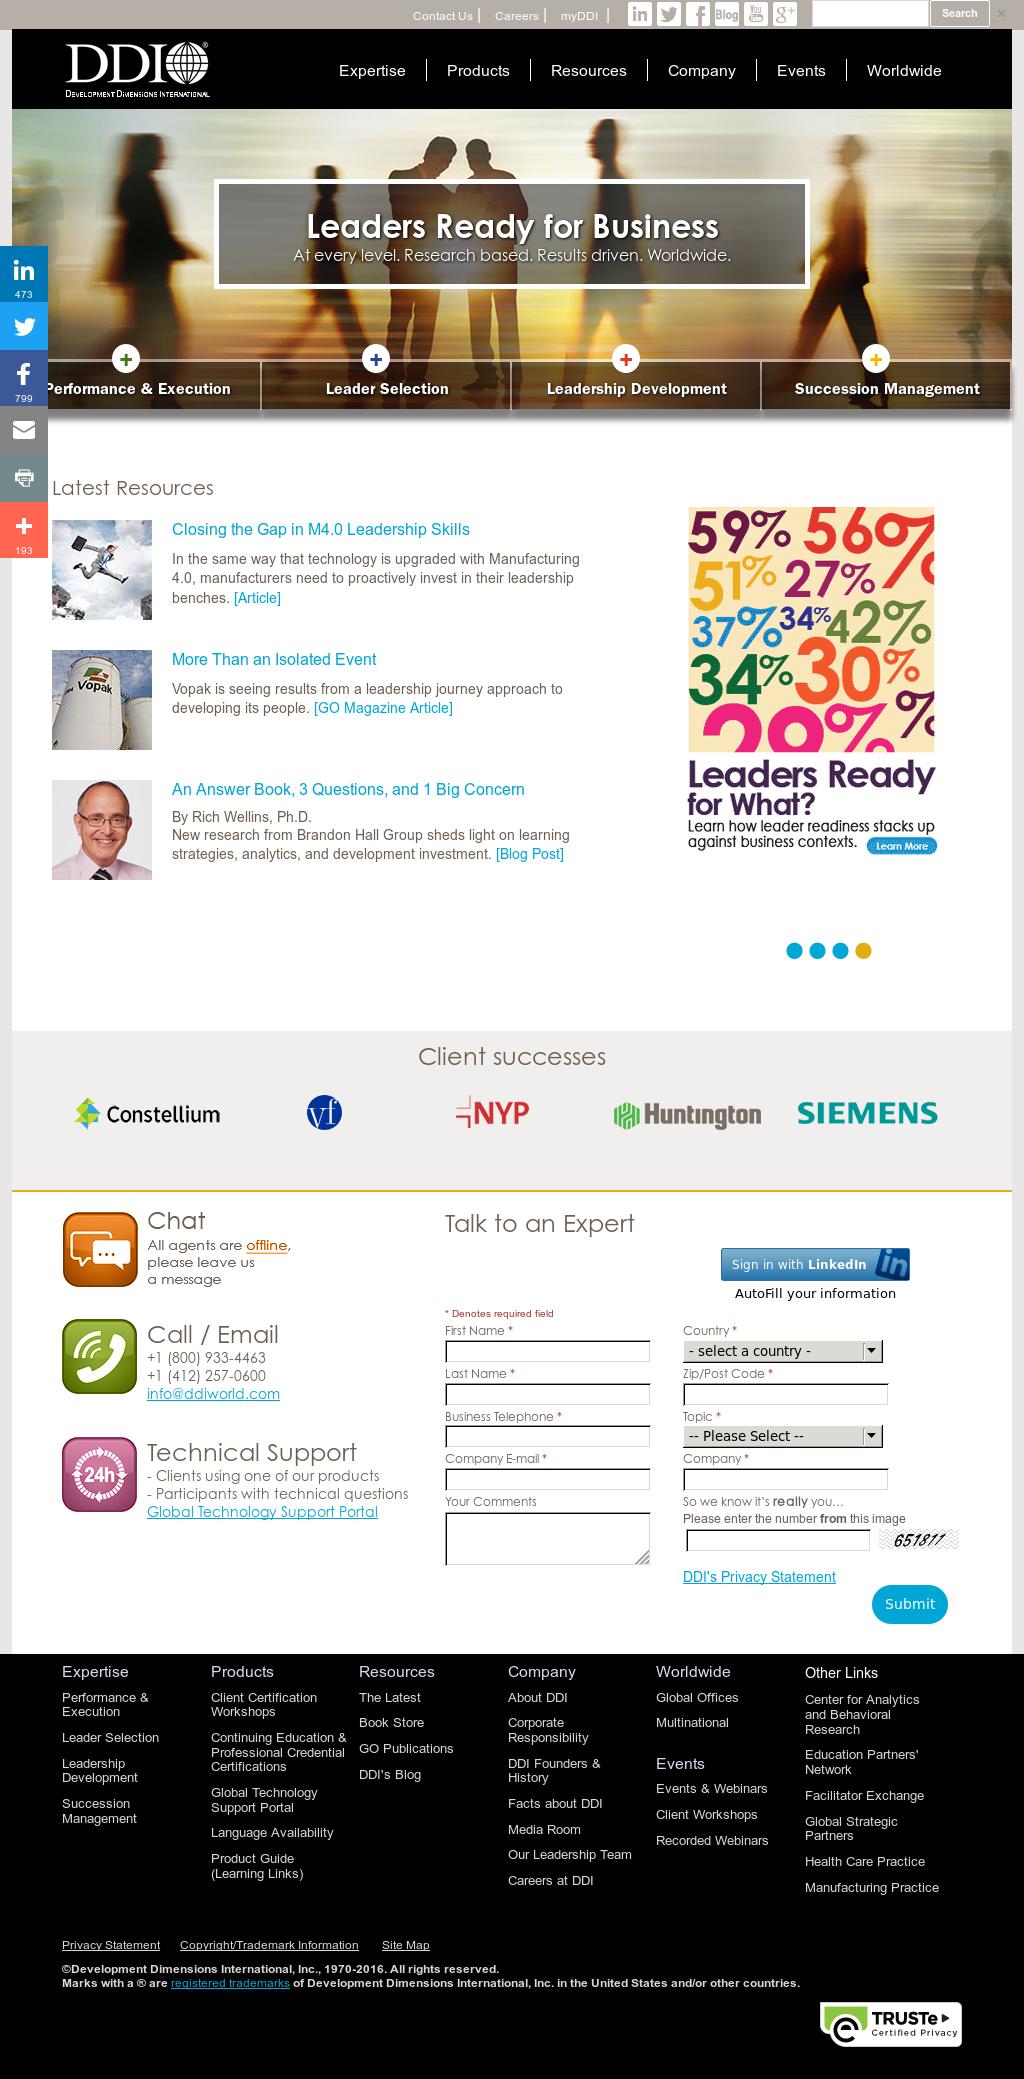 DDI Competitors, Revenue and Employees - Owler Company Profile